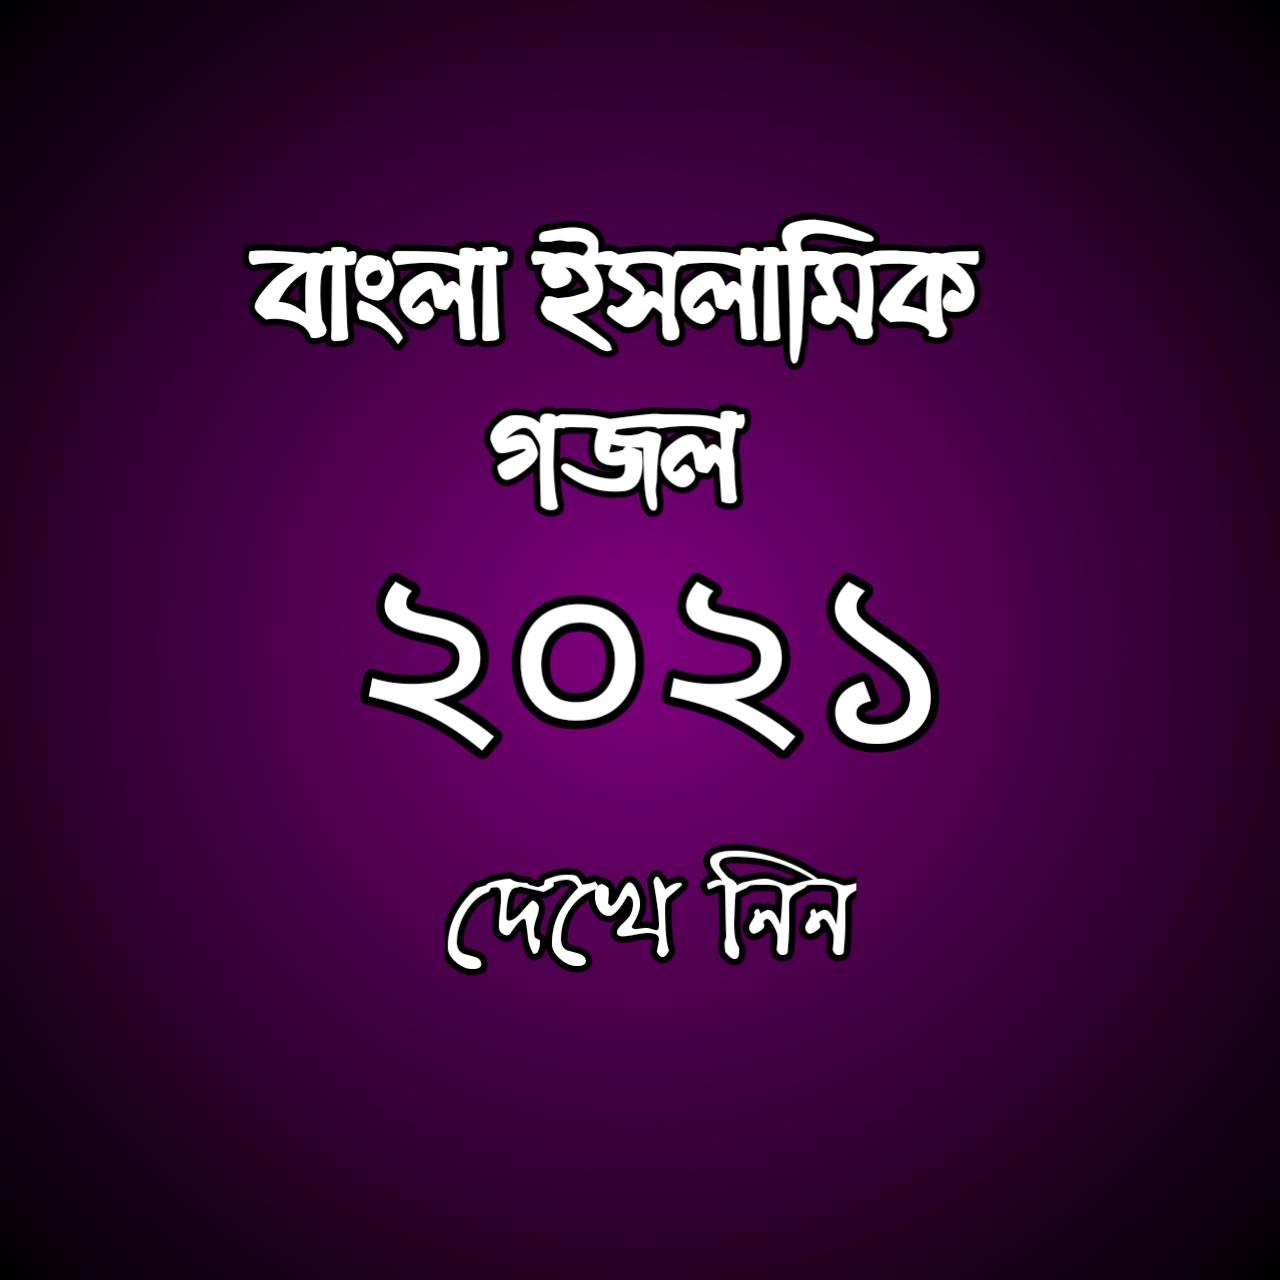 বাংলা ইসলামী সংগীত 2021 , ইসলামিক গজল 2021,  ইসলামিক সংগীত ২০২১